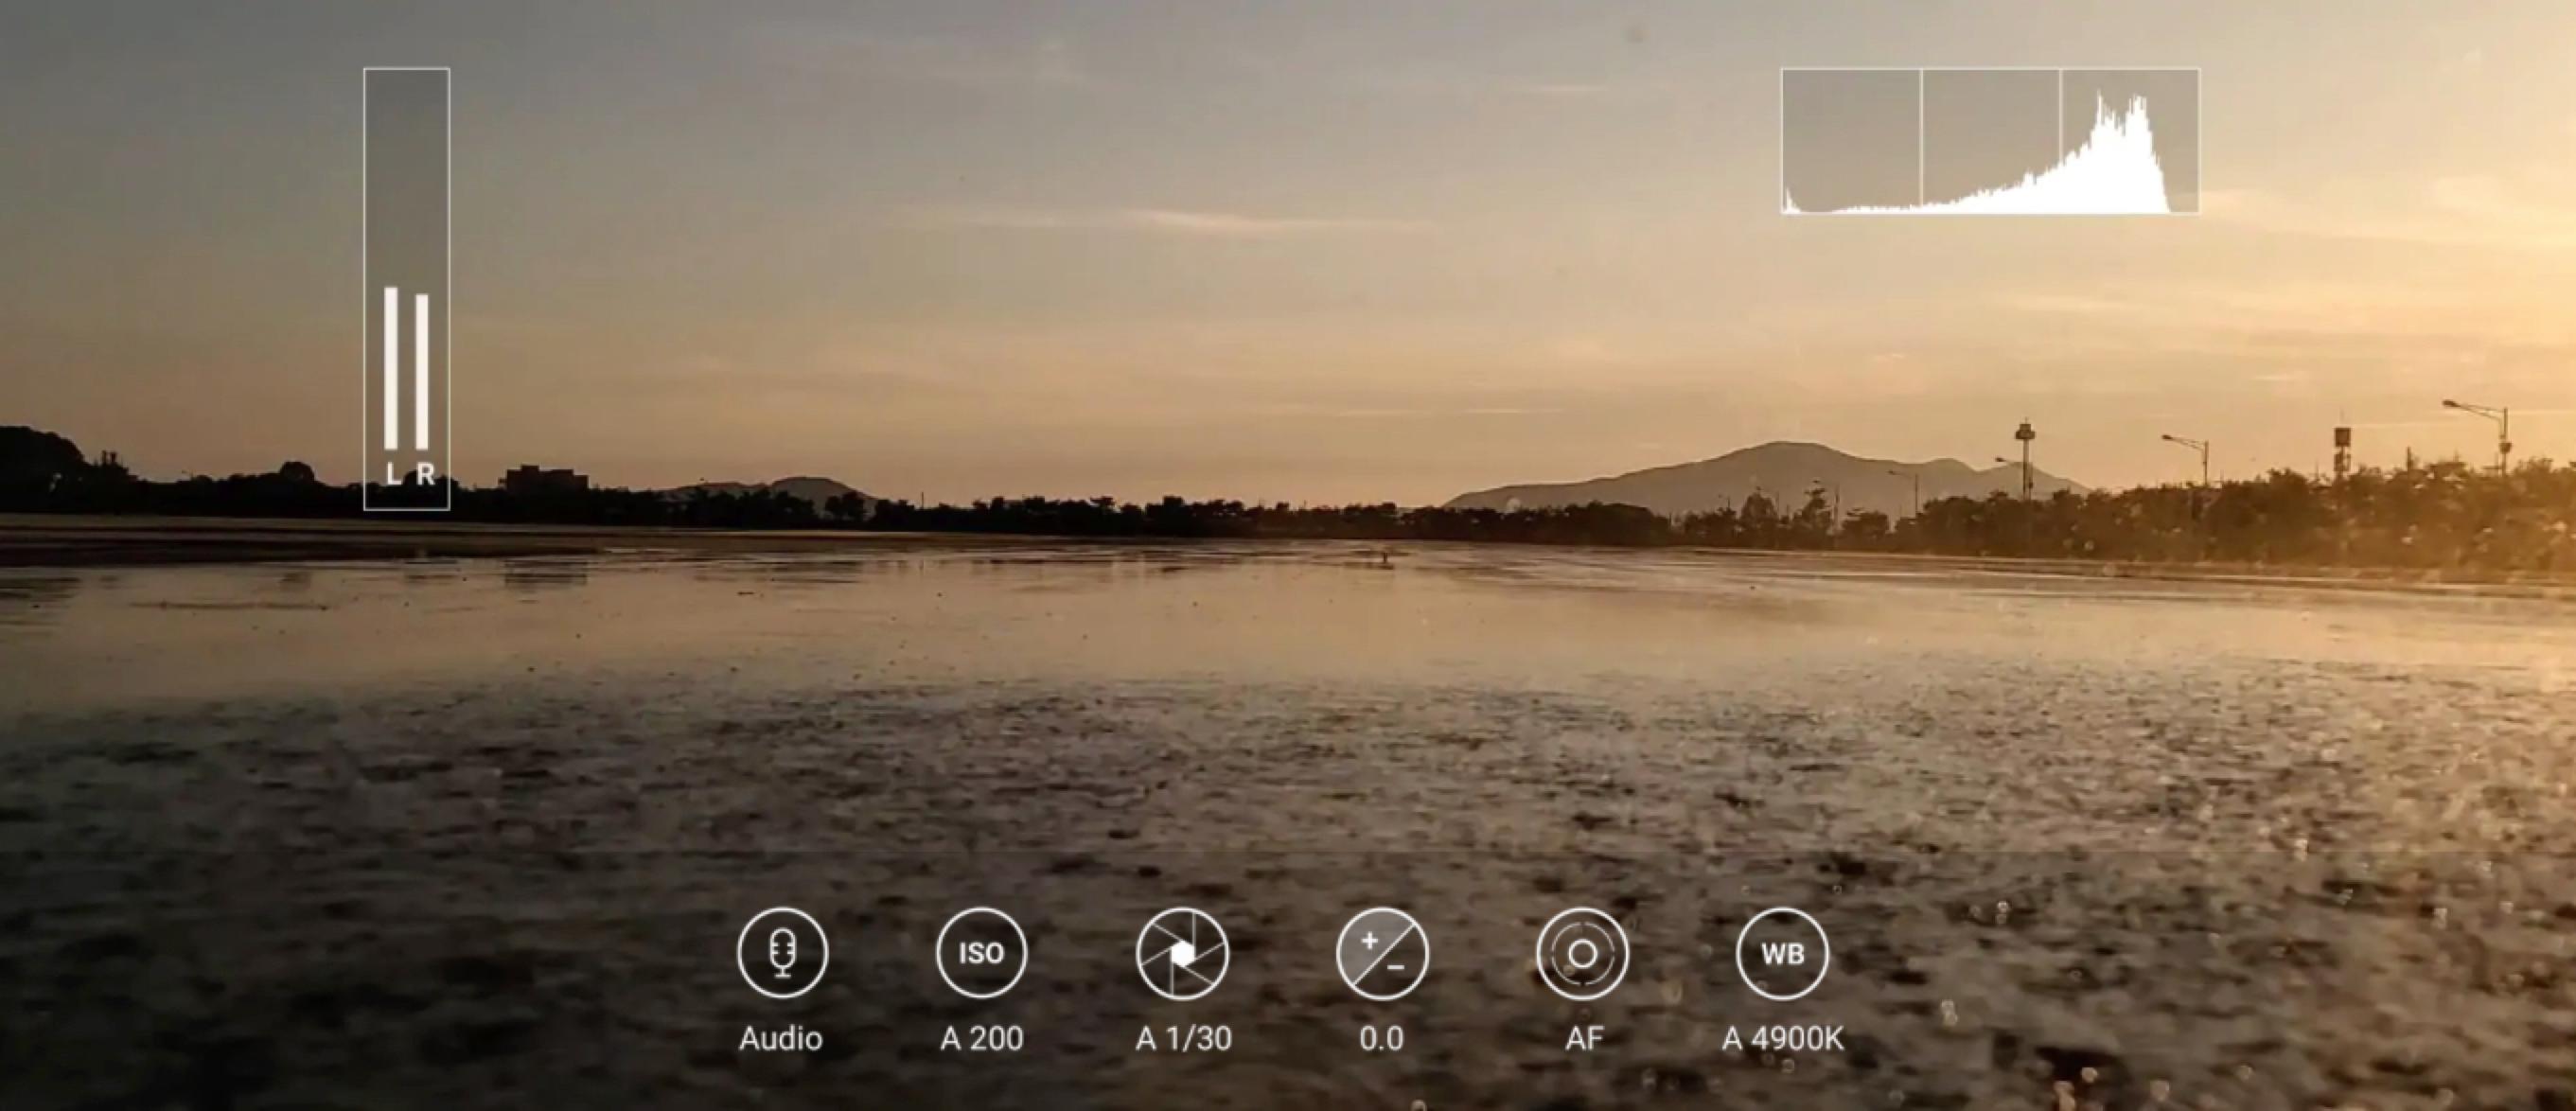 Toujours l'enregistrement vidéo avec la plus haute résolution disponible sur un smartphone